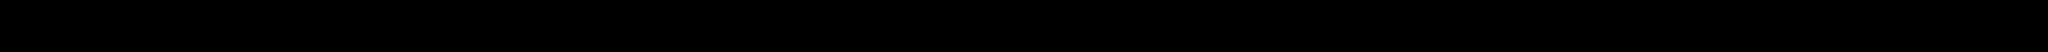 BOSCH 03L 115 562, 03L 115 562, 03L 115 562, 03L 115 466, 03L 115 562 Olejový filtr